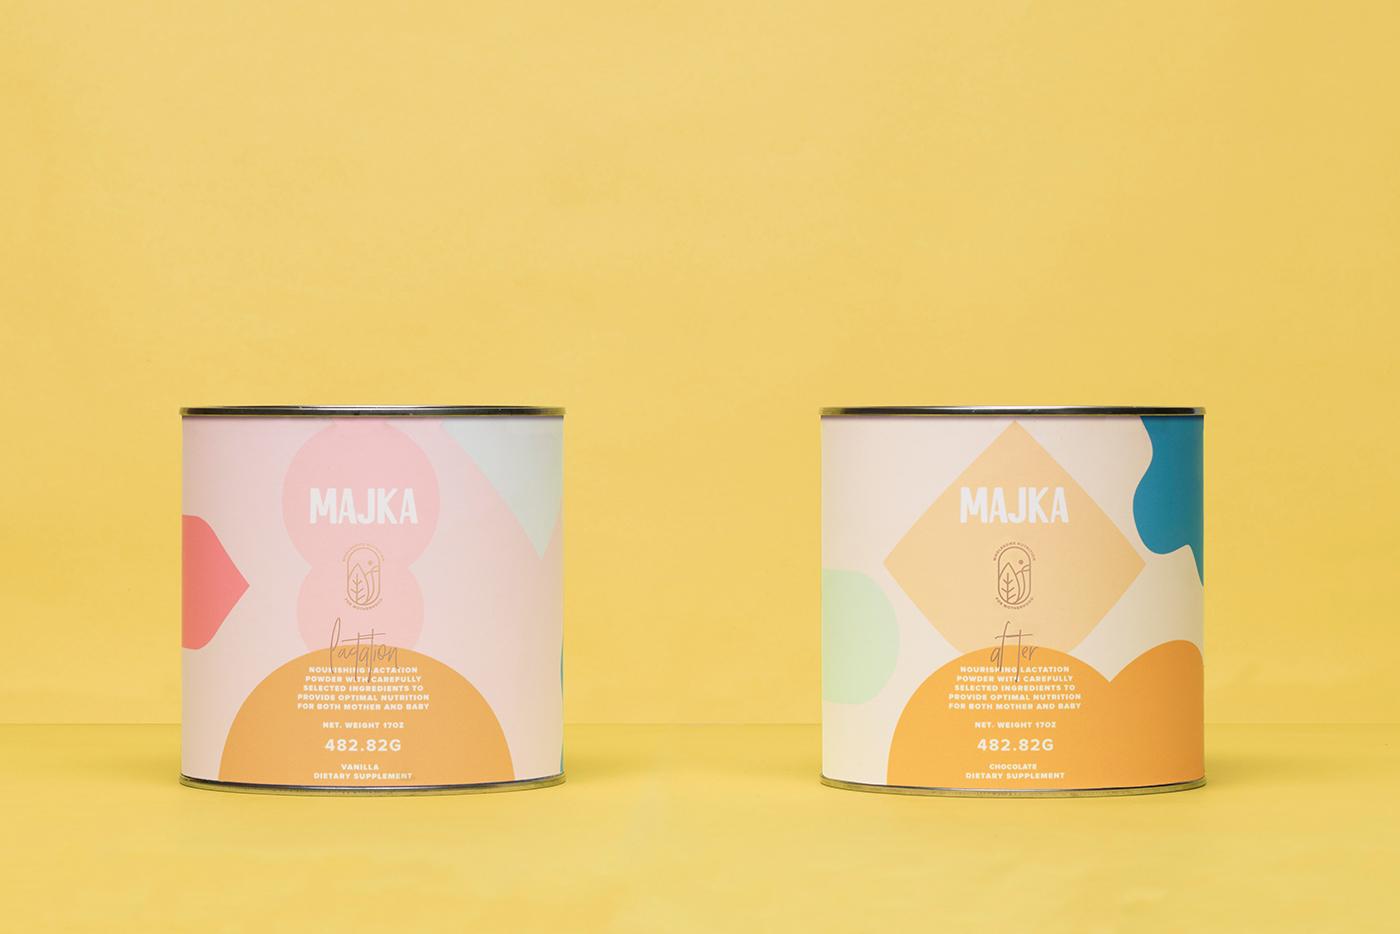 Majka 产品包装设计 欣赏-第2张